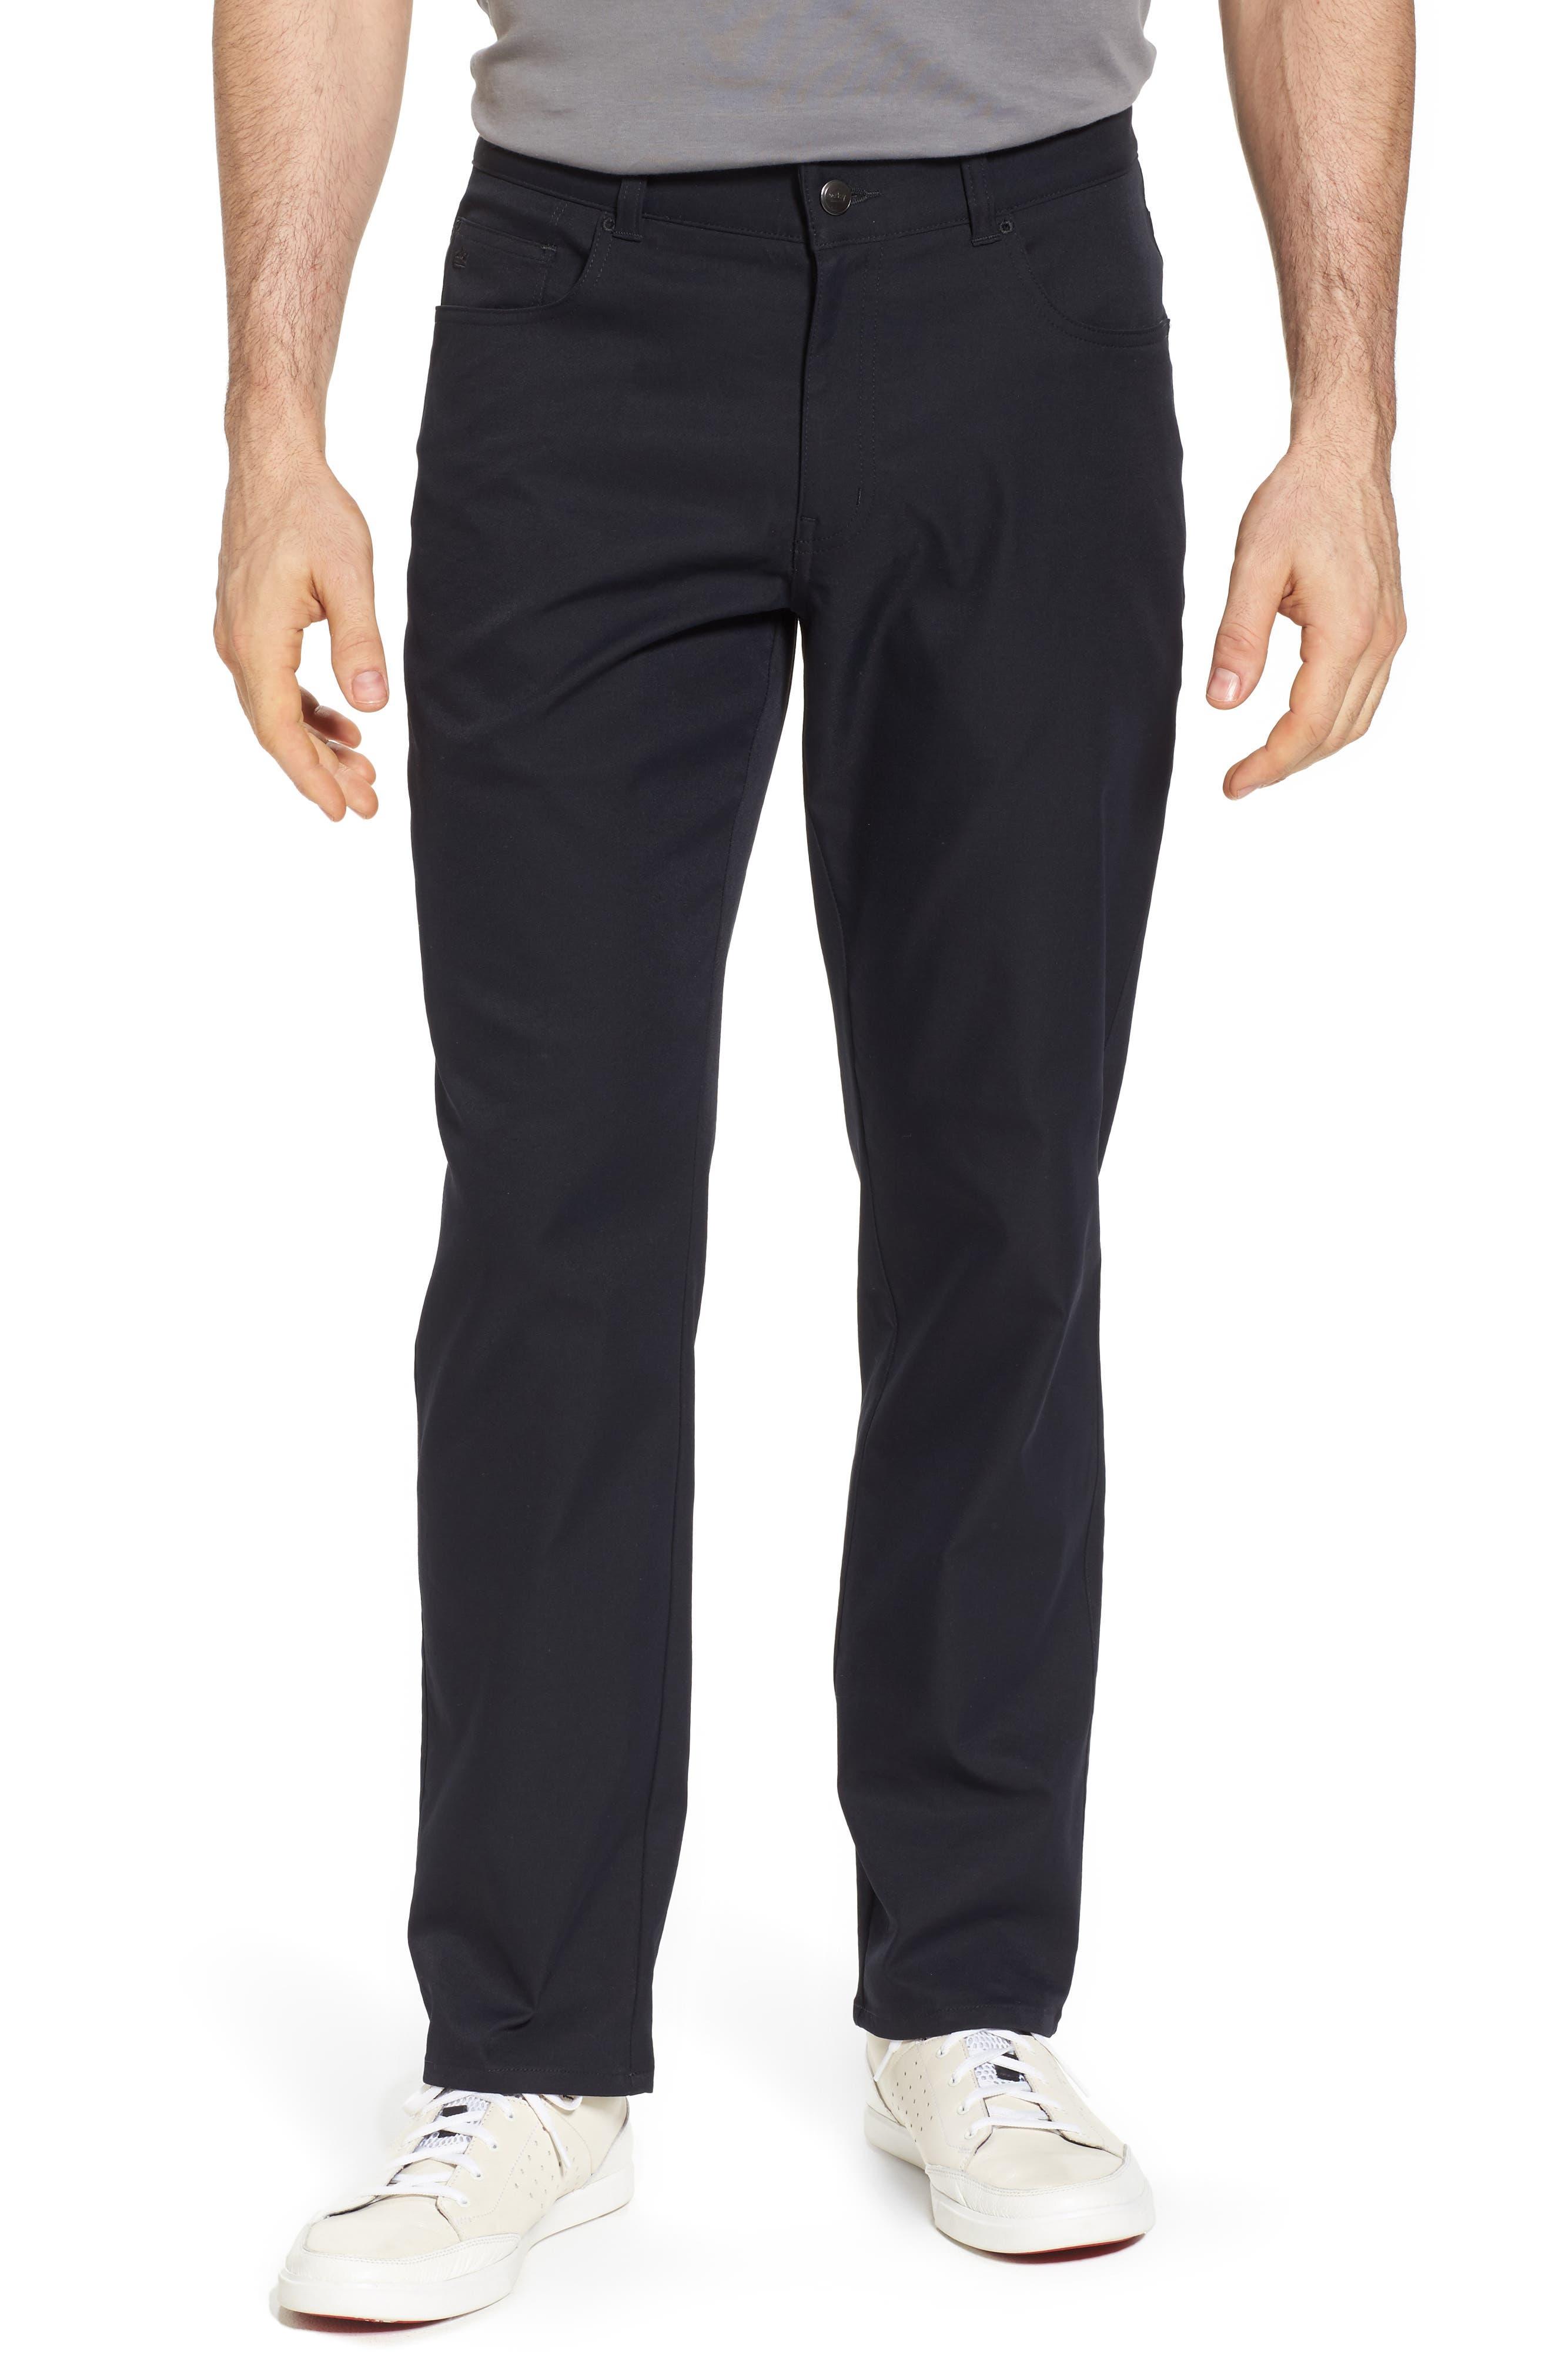 EB66 Performance Six-Pocket Pants,                             Main thumbnail 1, color,                             Black